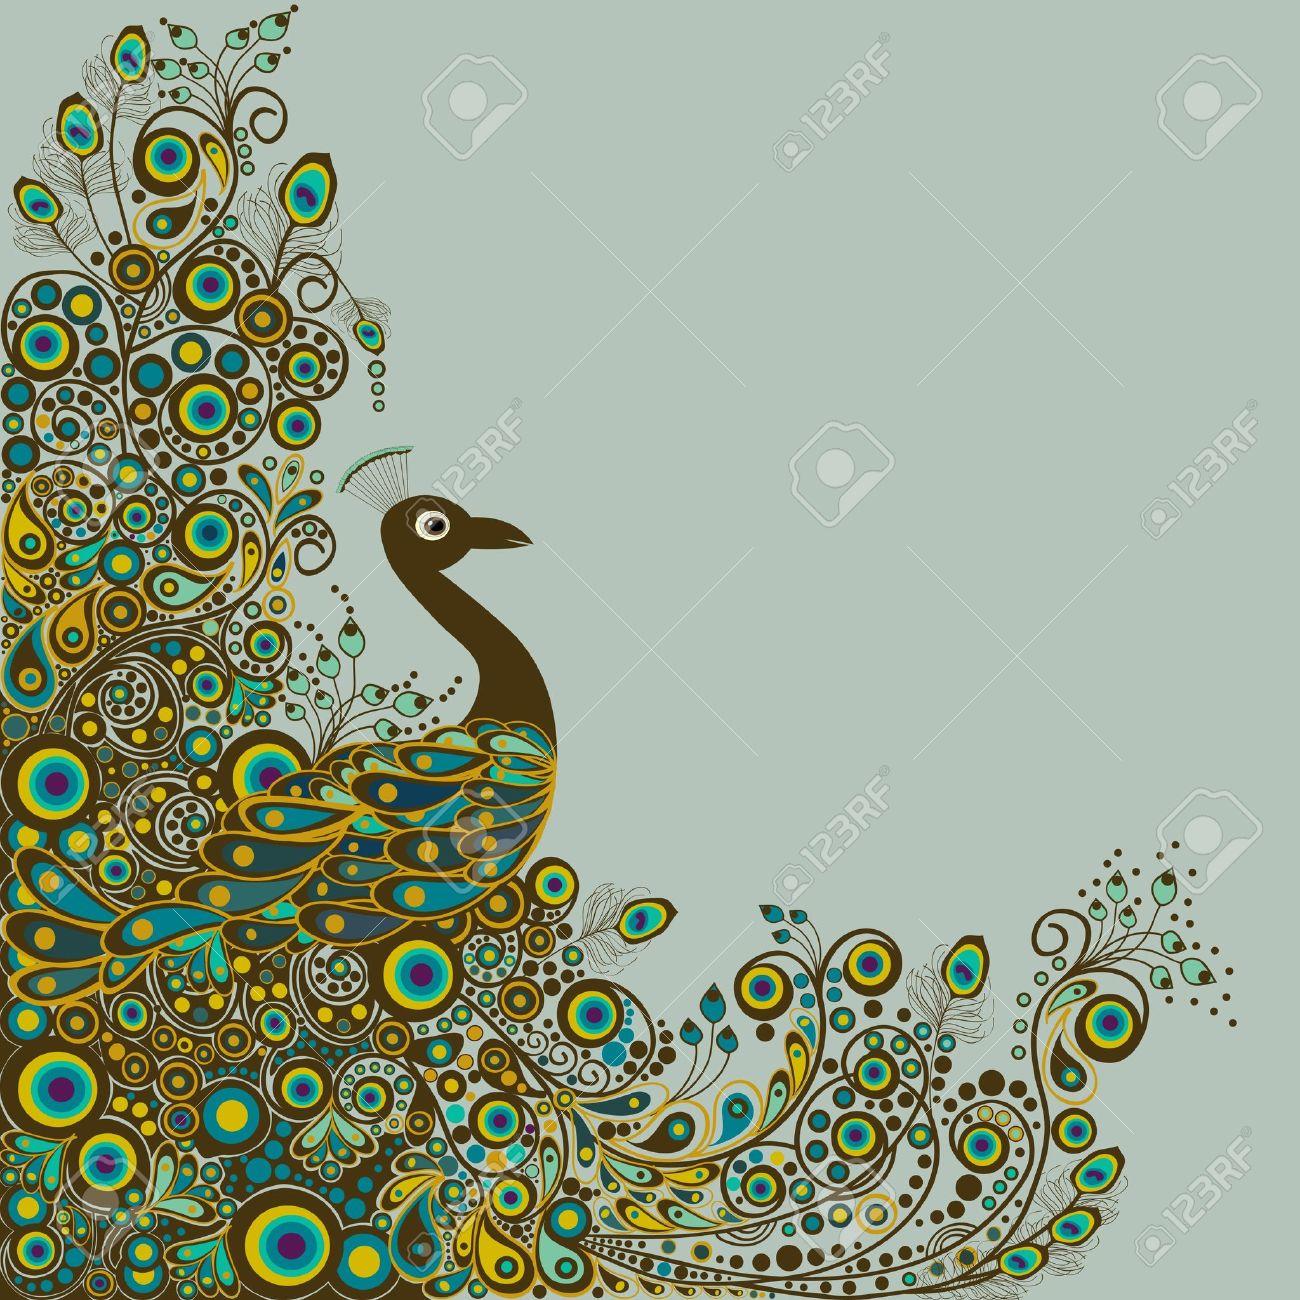 صور الطاوس فلاشية  18812629-Peacock-card-Stock-Vector-peacock-indian-feather